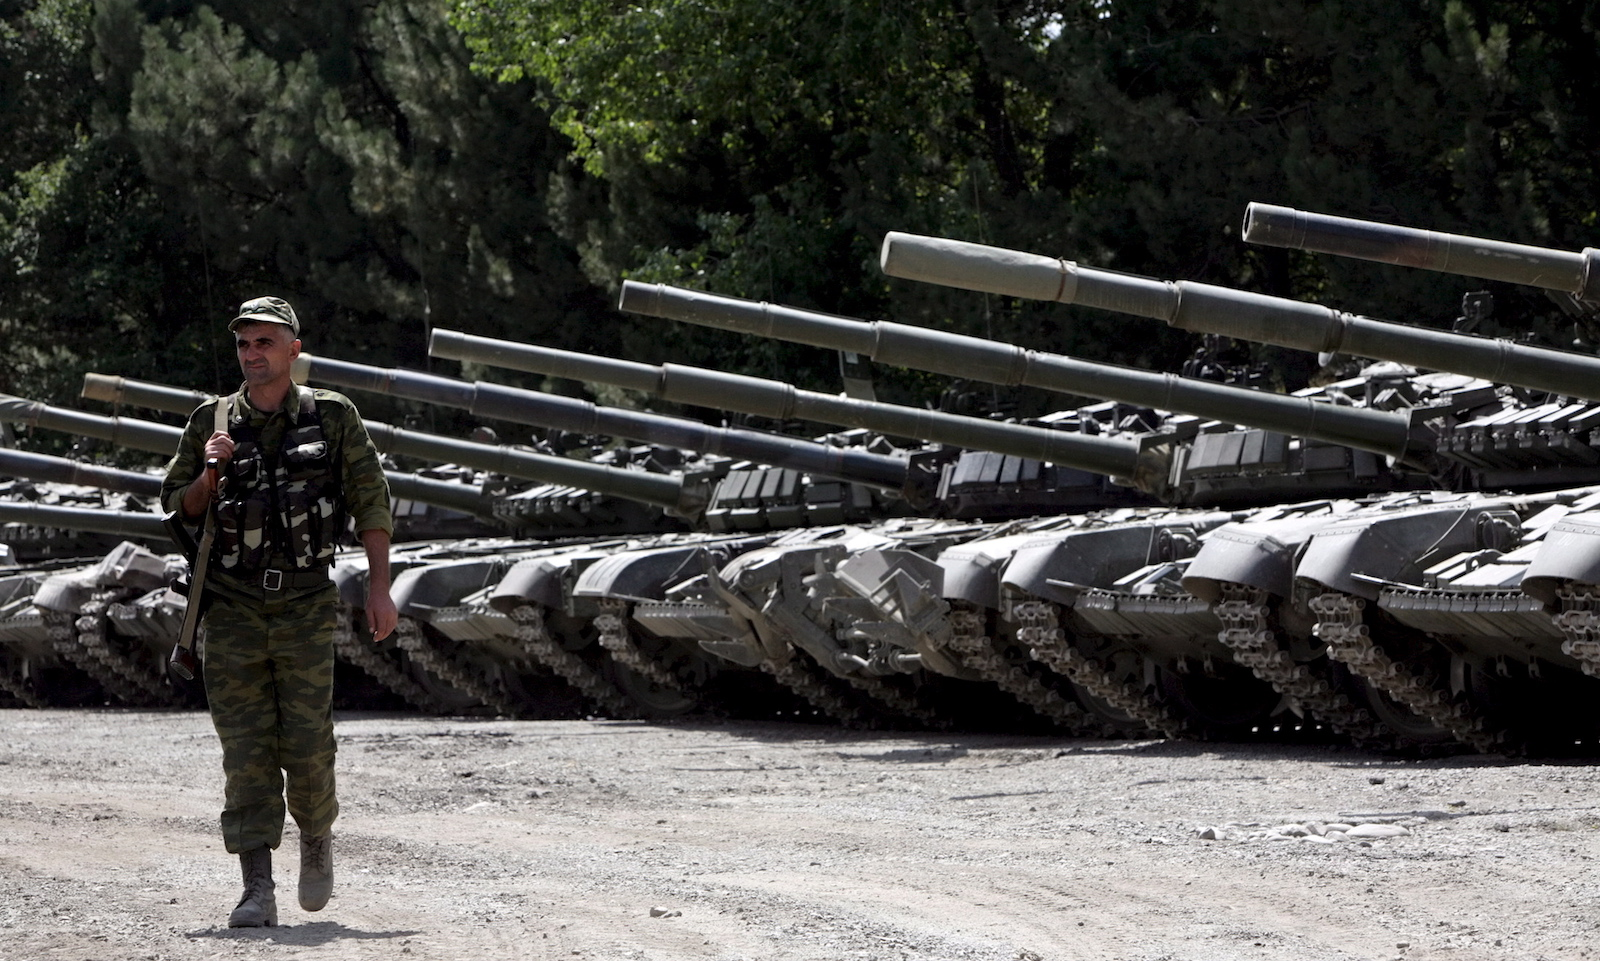 რუსეთის ცნობით, ეს ტანკები მათ ქართულ მხარეს წაართვეს © EPA/MAXIM SHIPENKOV